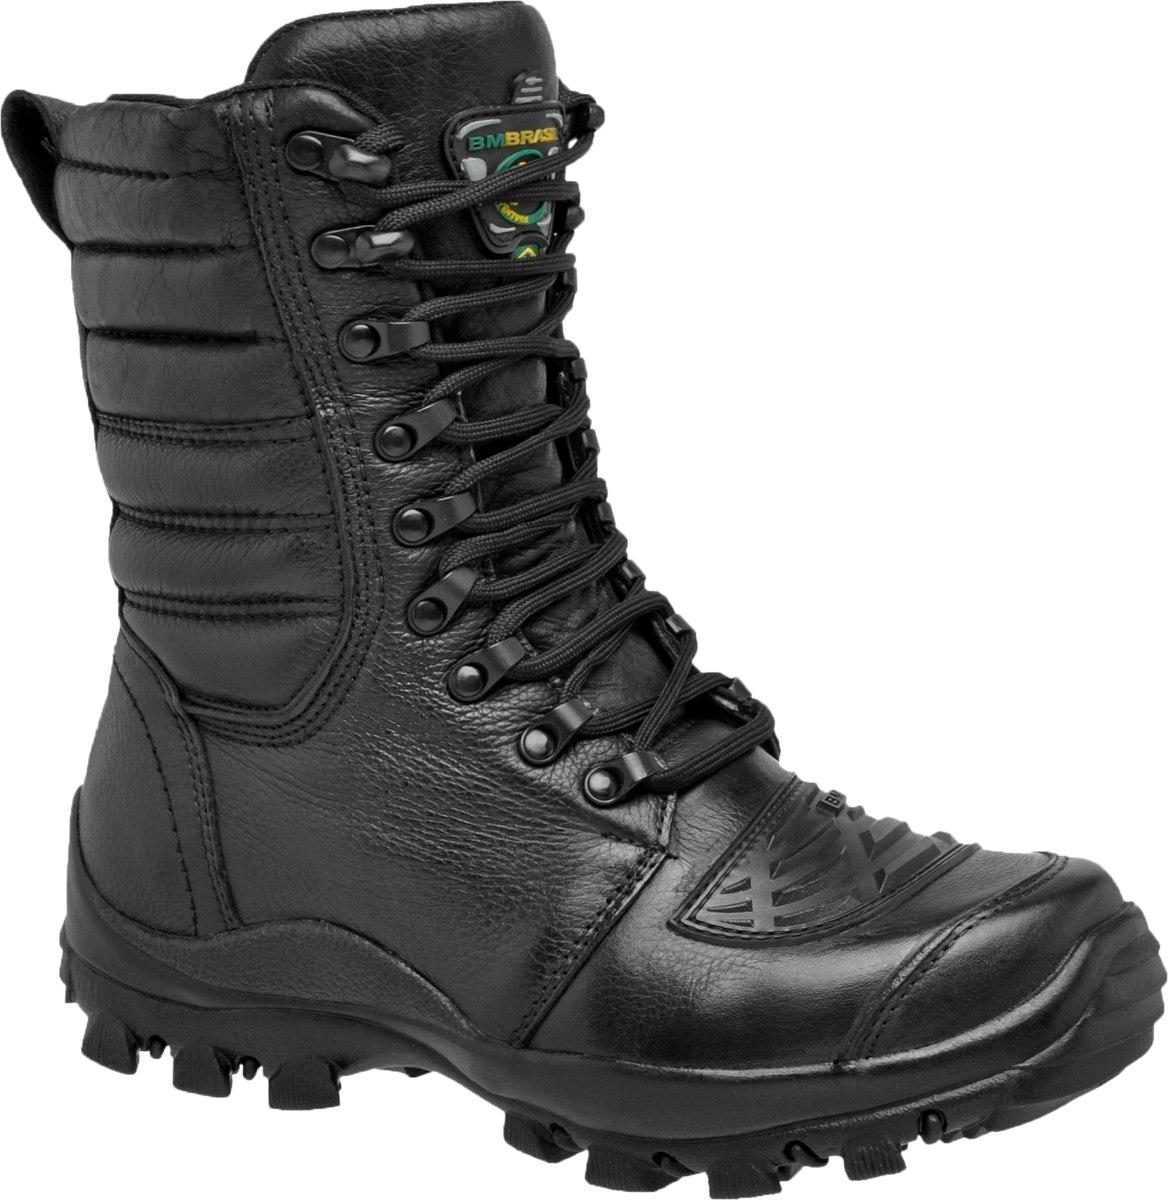 3c9a4a1308 coturno militar bota tatica swat rocan policial motociclista. Carregando  zoom.